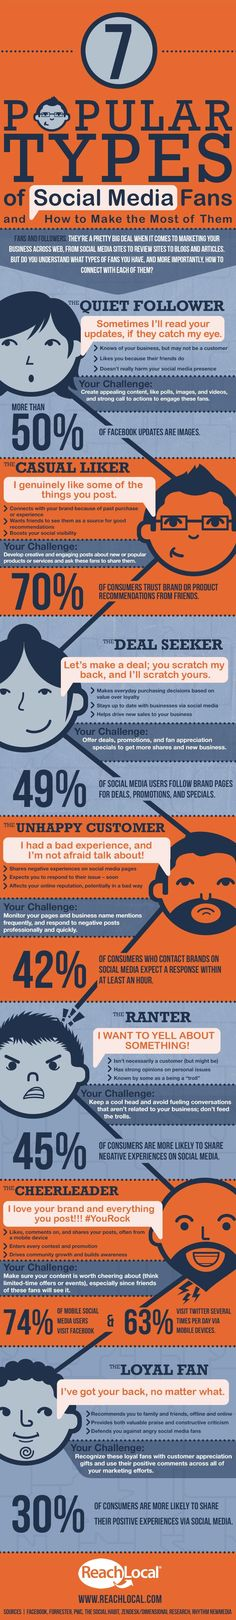 Los 7 tipos más populares de seguidores en social media. #socialmedia #engagement #infographic